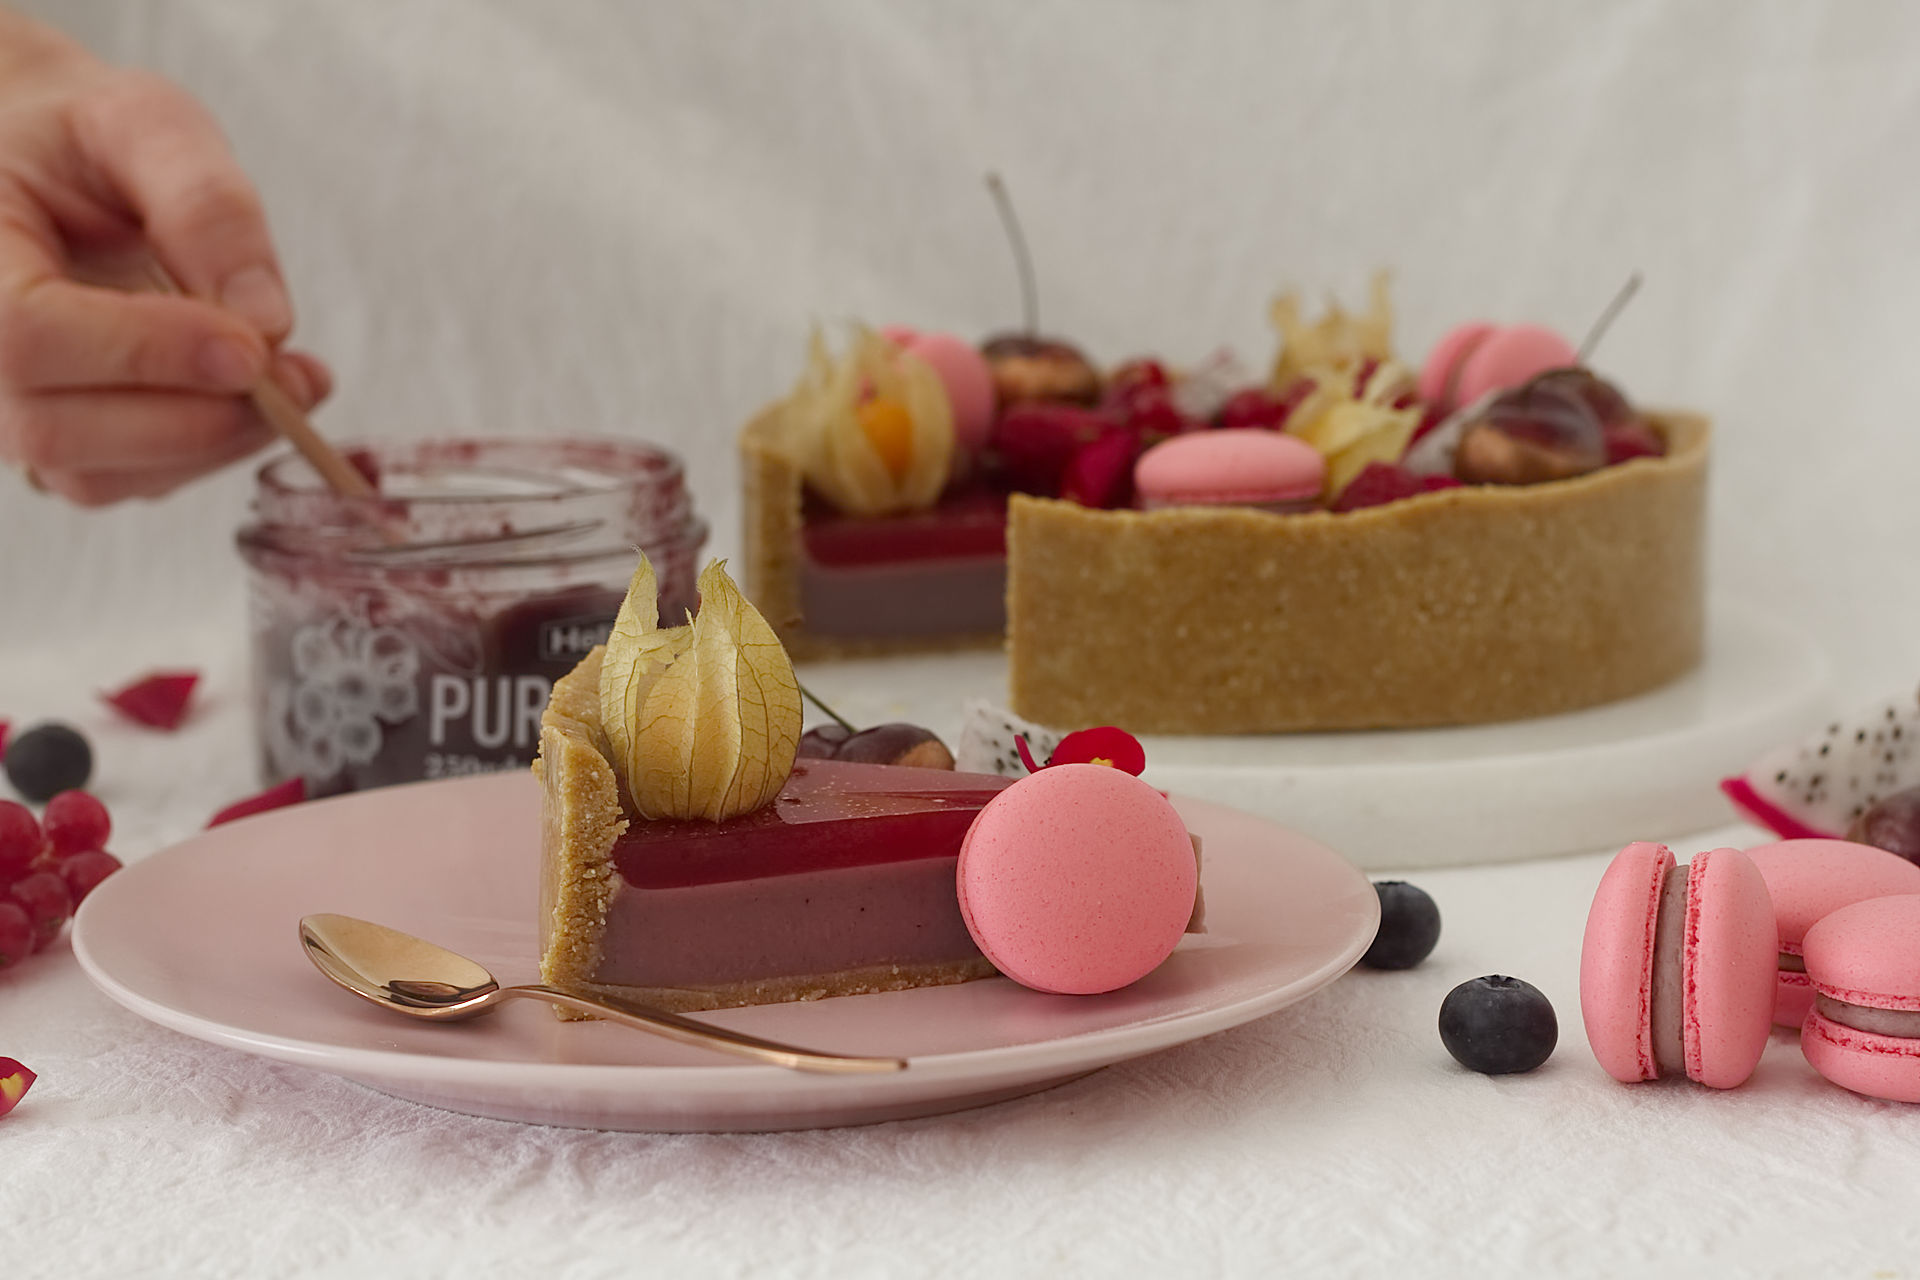 image from Pie de arándanos de Huelva cubierto de gelatina de frambuesa al aroma de Rosas